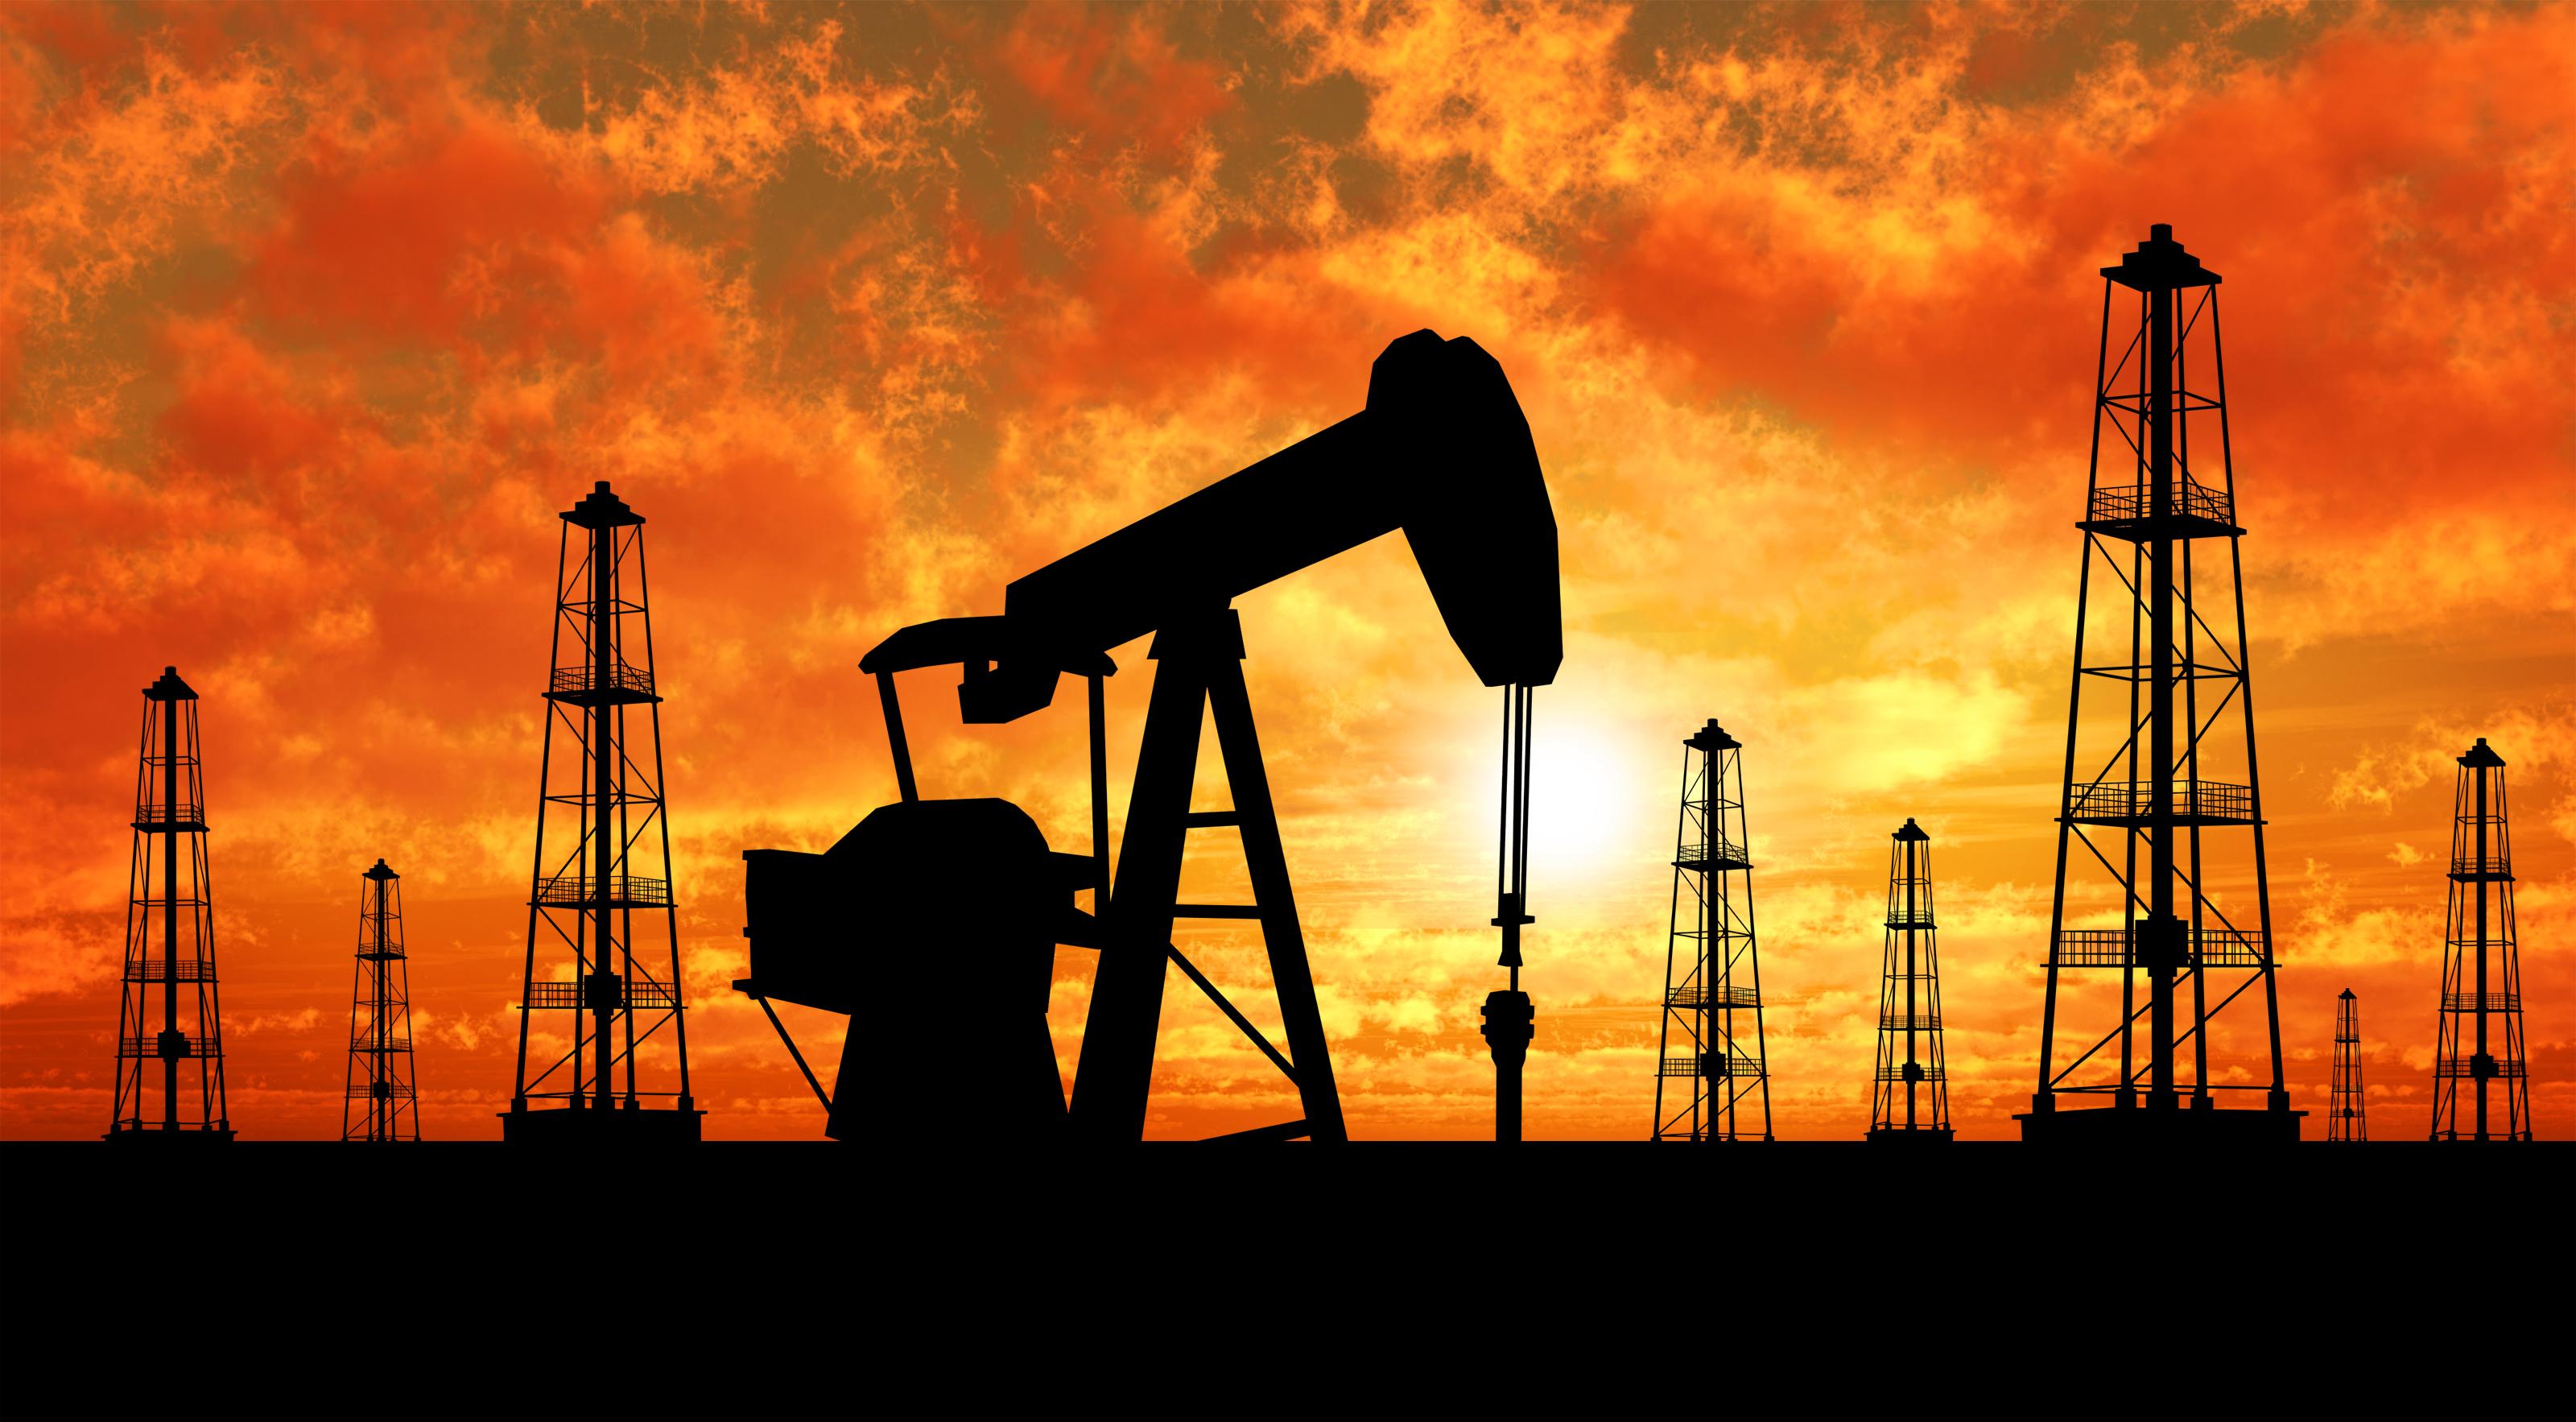 Brent markalı neftin qiyməti ucuzlaşıb